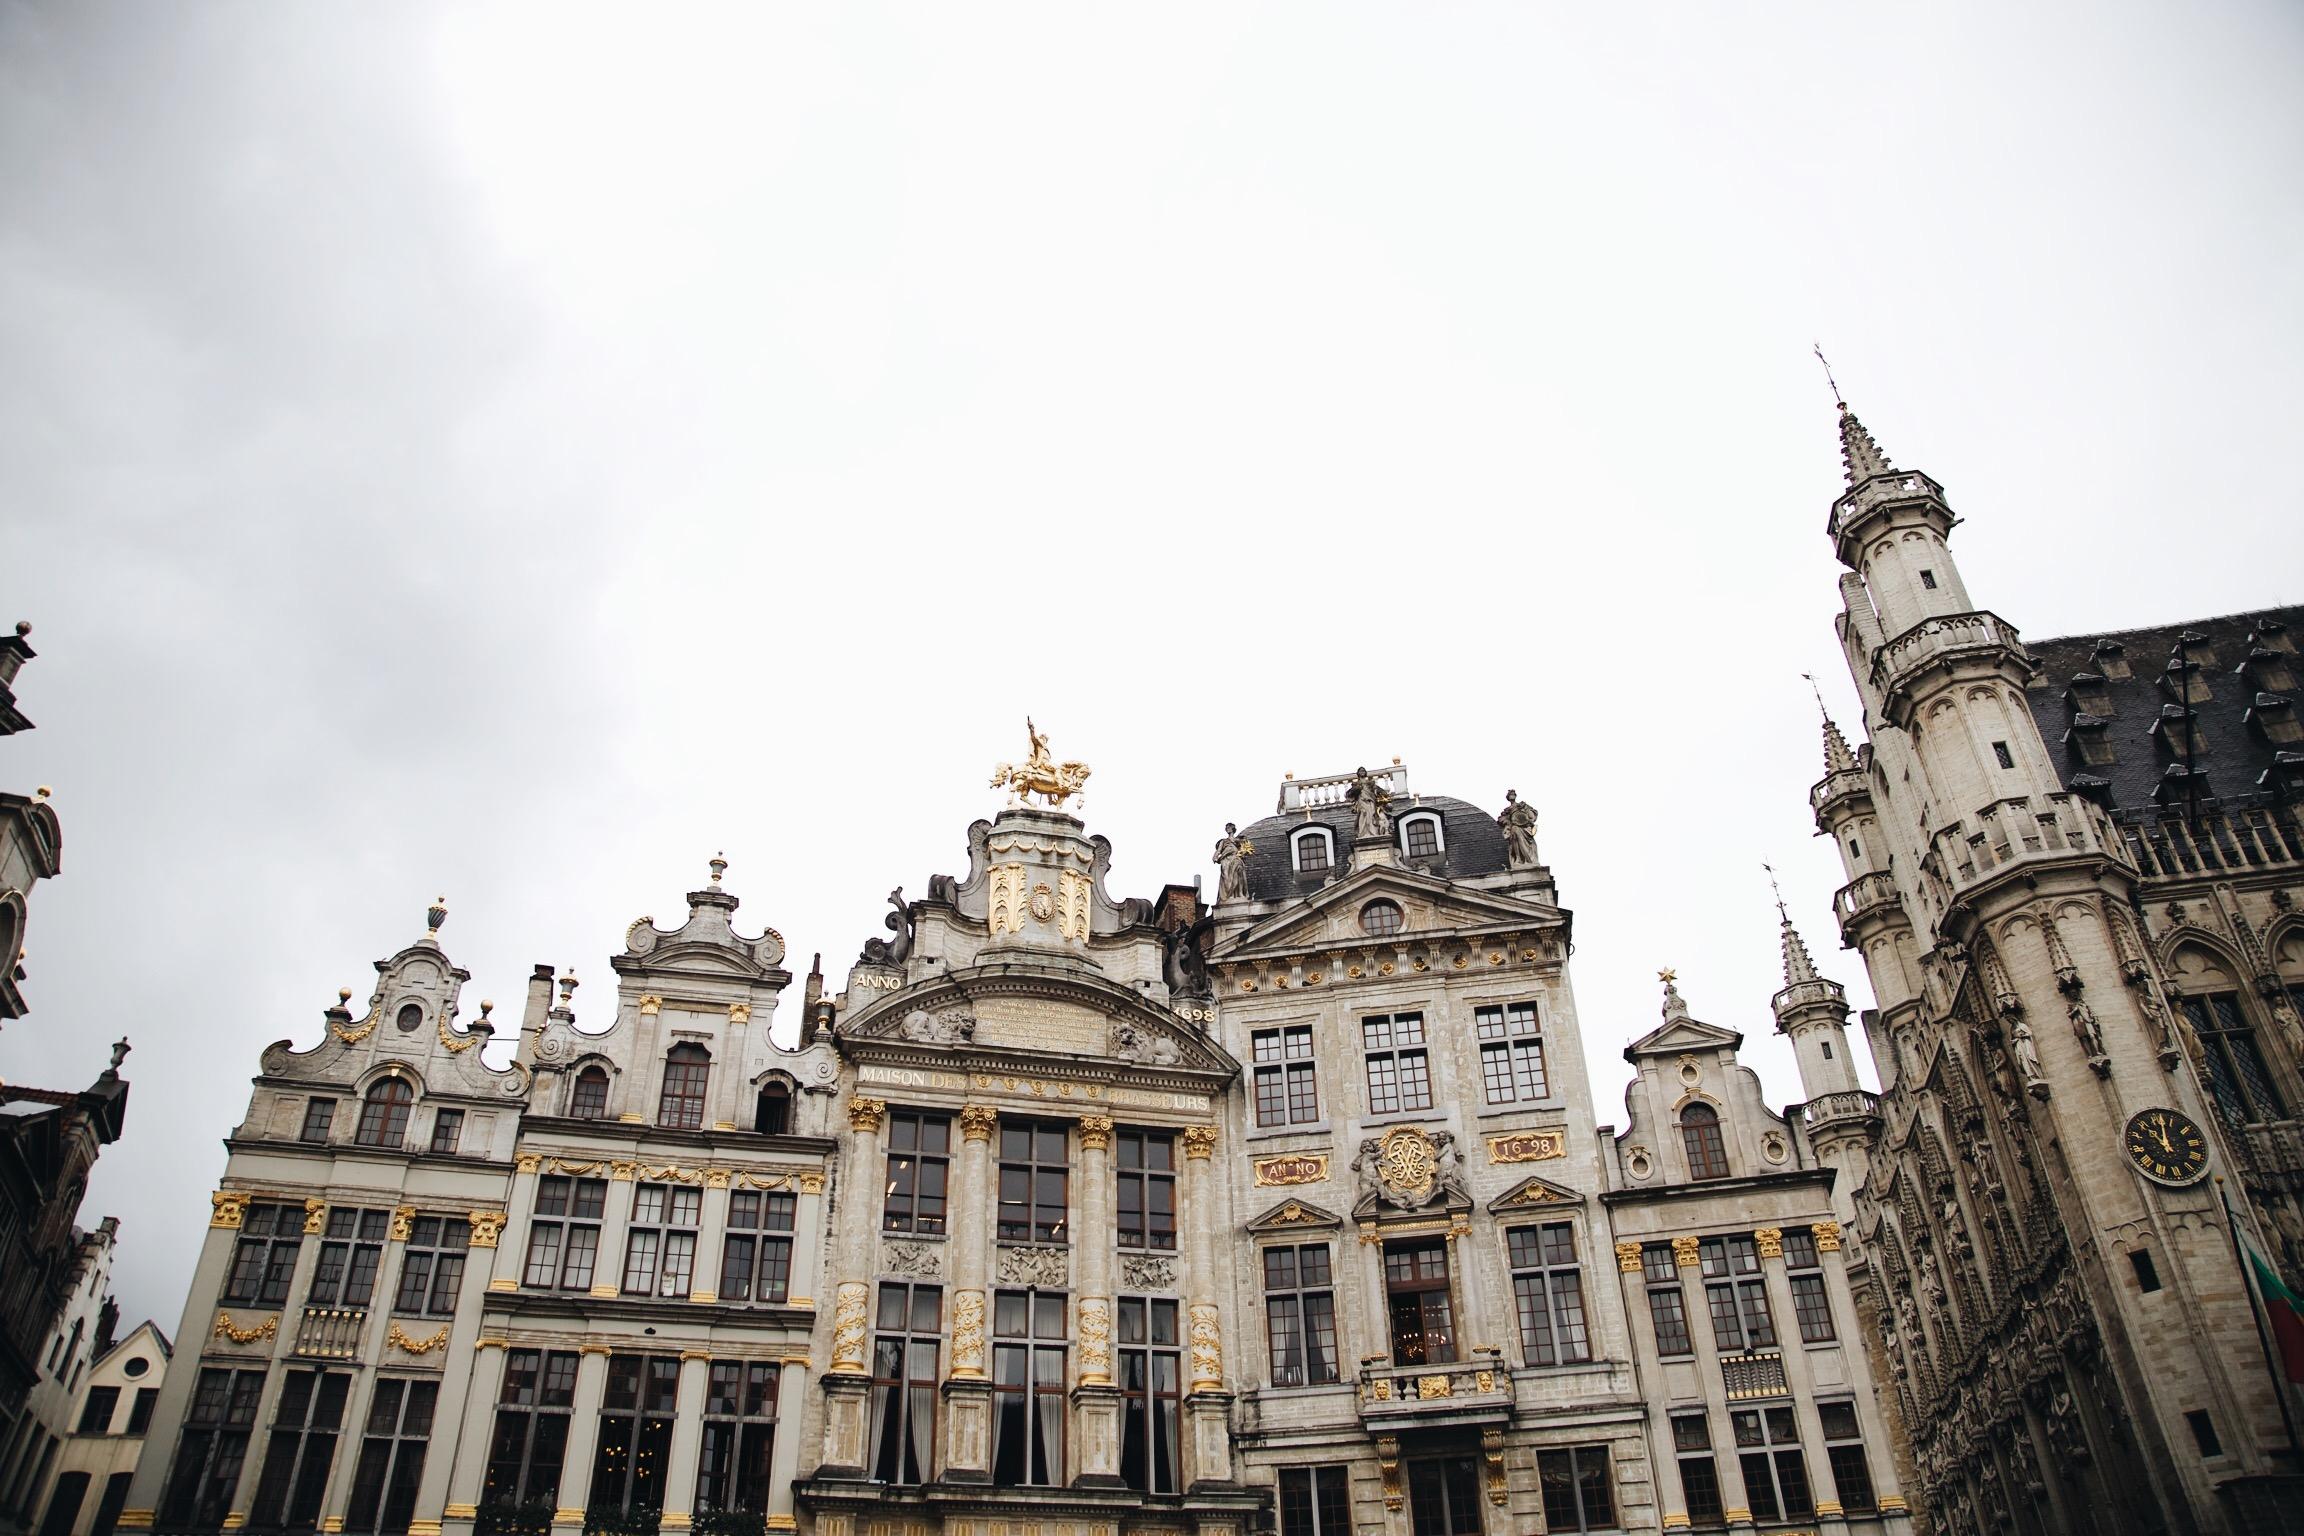 bruxelles-week-end-en-belgique-blog-voyage.JPG